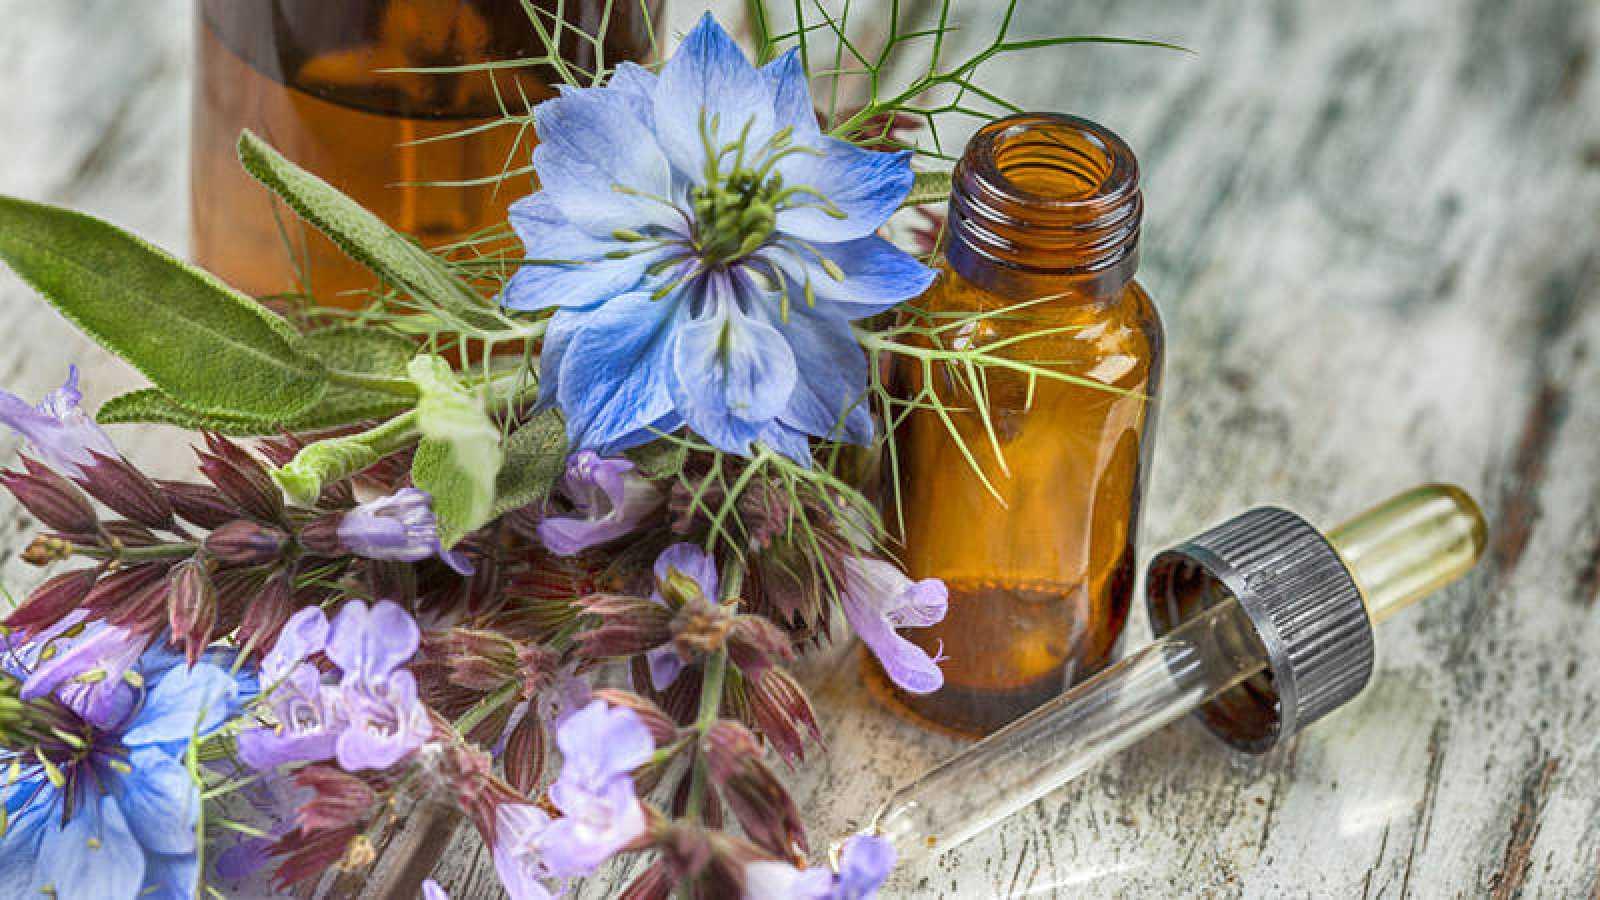 En abril de 2018 se reguló el registro de productos homeopáticos y se autorizó su comercialización como medicamentos.